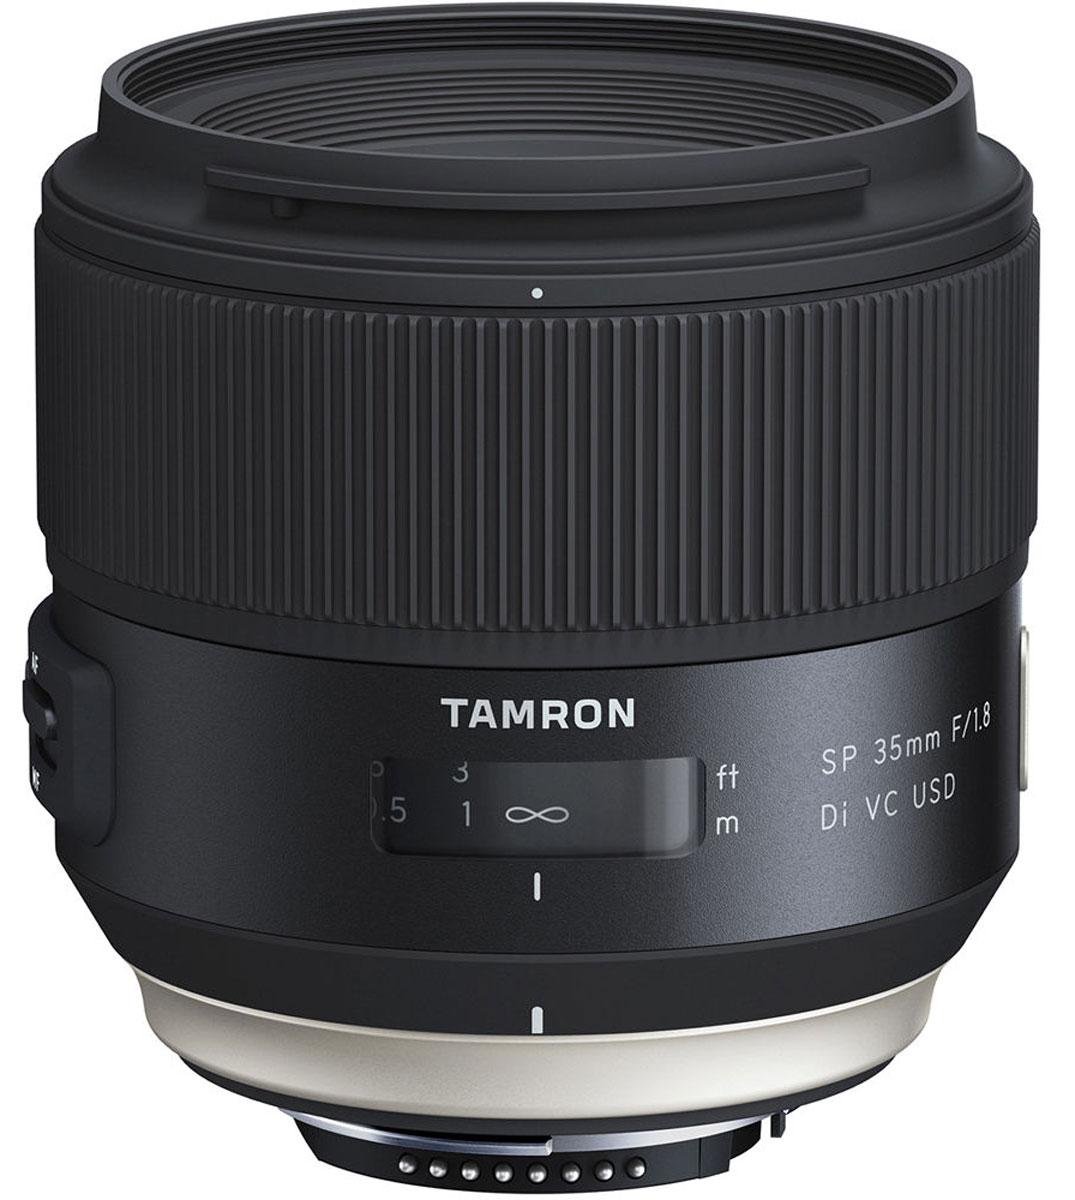 Tamron SP 35mm F/1.8 DI VC USD, Black объектив для NikonF012NШирокоугольный объектив Tamron SP 35 мм, способный разрешать мультимегапиксельные матрицы (до 50 Мпикс) современных цифровых фотоаппаратов. Для большей свободы при съемке механизм стабилизации изображения VC был тесно интегрирован с оптической и электронной конструкцией объектива. При разработке большое внимание было уделено сокращению минимальной дистанции фокусировки. Ключевым элементом дизайнерской концепции стала эргономичность - контуры объективов тщательно выверены, объективы хорошо лежат в руке, и с ними удобно работать. Размер переключателей увеличен, а их ход стал более плавным; особый шрифт повышает читаемость надписей. Объектив подходит как для камер с матрицей APS-C, где его можно использовать как стандартный, и для полнокадровых камер, где его характеристики соответствуют широкоугольному. Из-за неравномерного распределения света на некоторых светосильных объективах возникает эффект виньетирования или затемнения в углах....